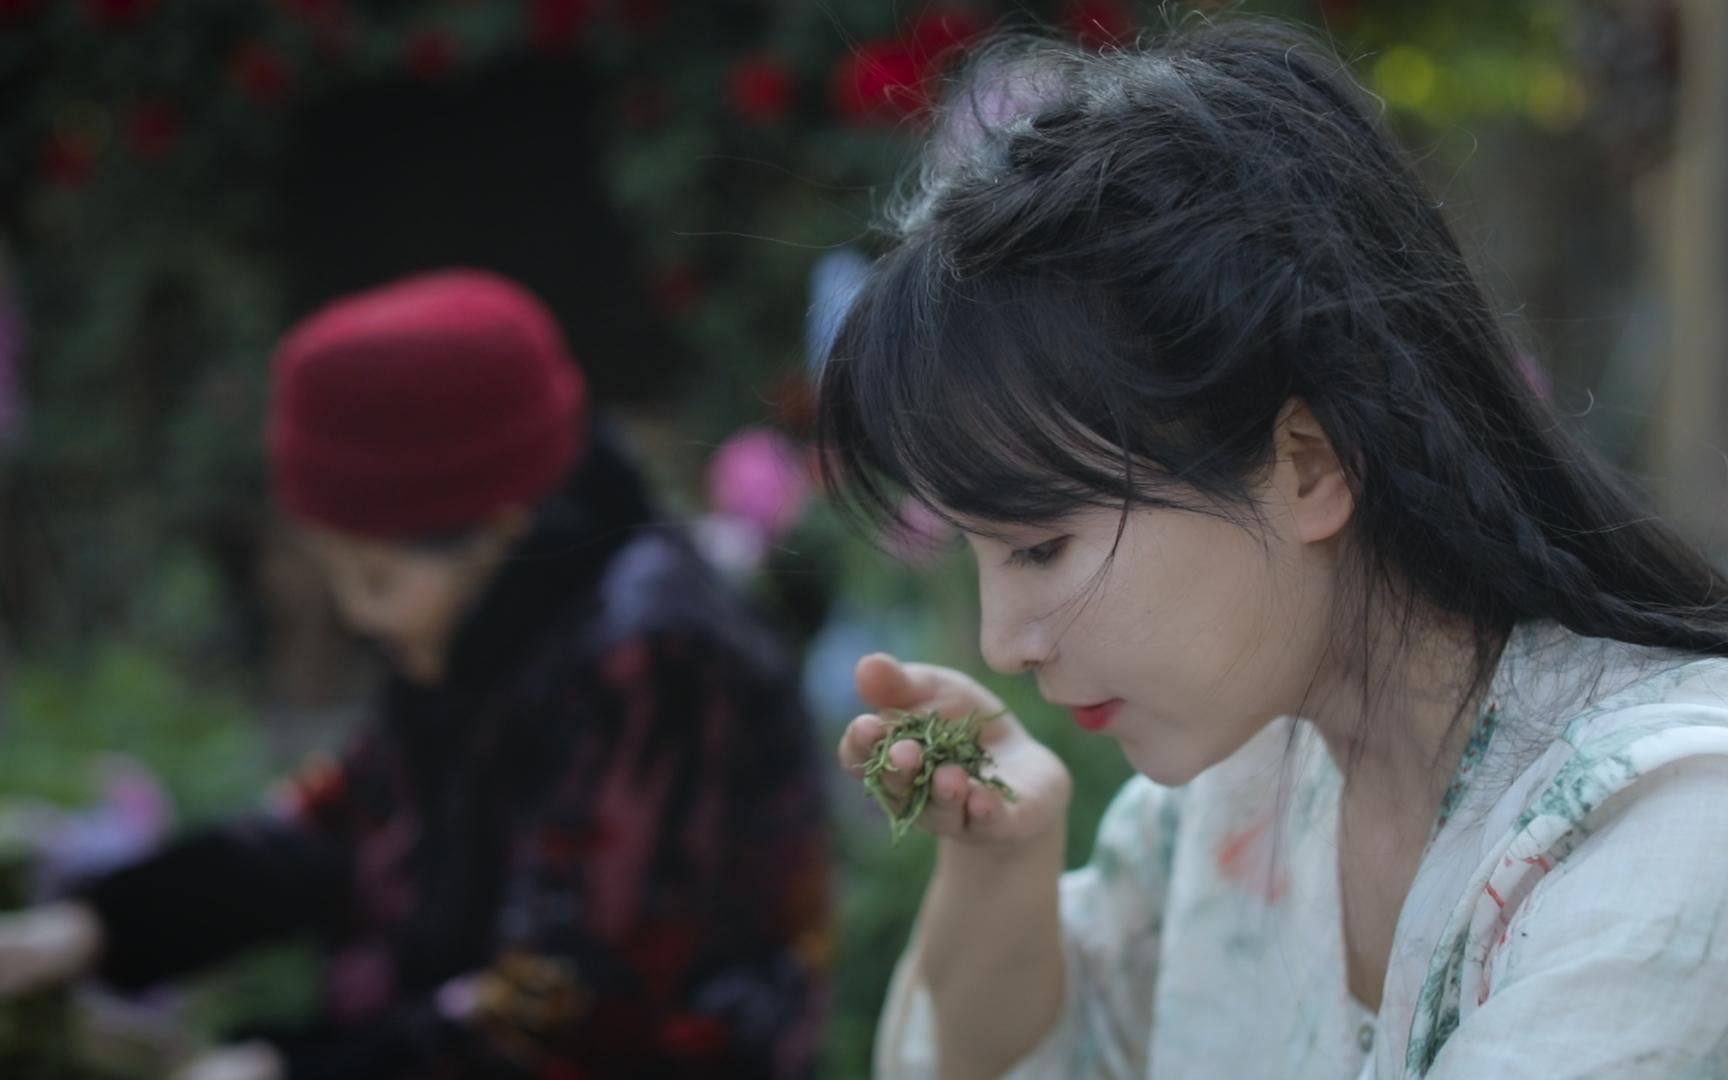 深深扎根在中华土地上,历久弥新的茶文化